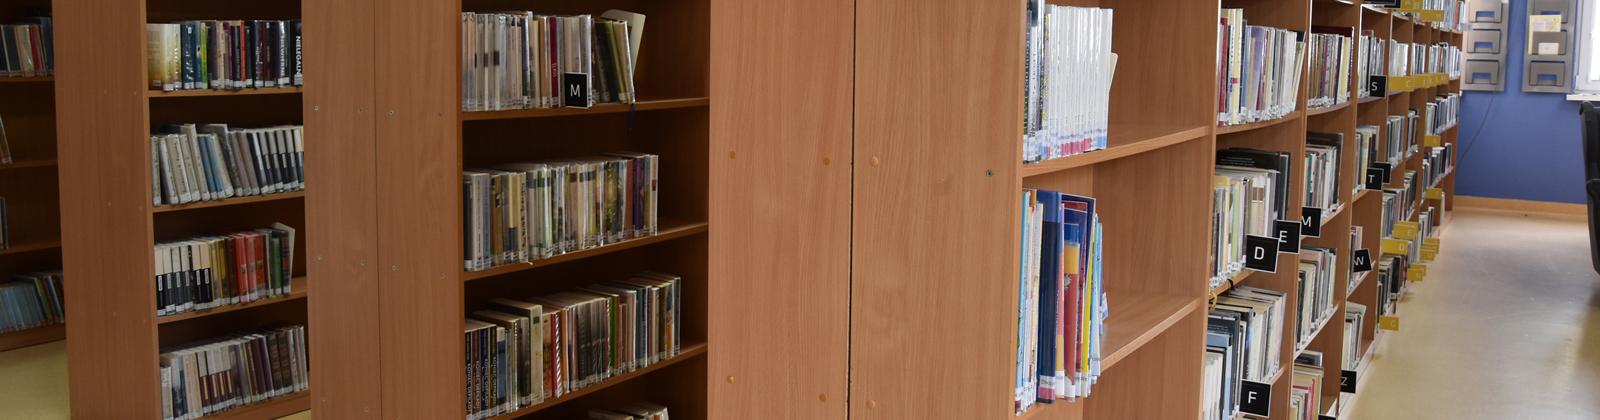 Miejska Biblioteka Publiczna w Mszczonowie